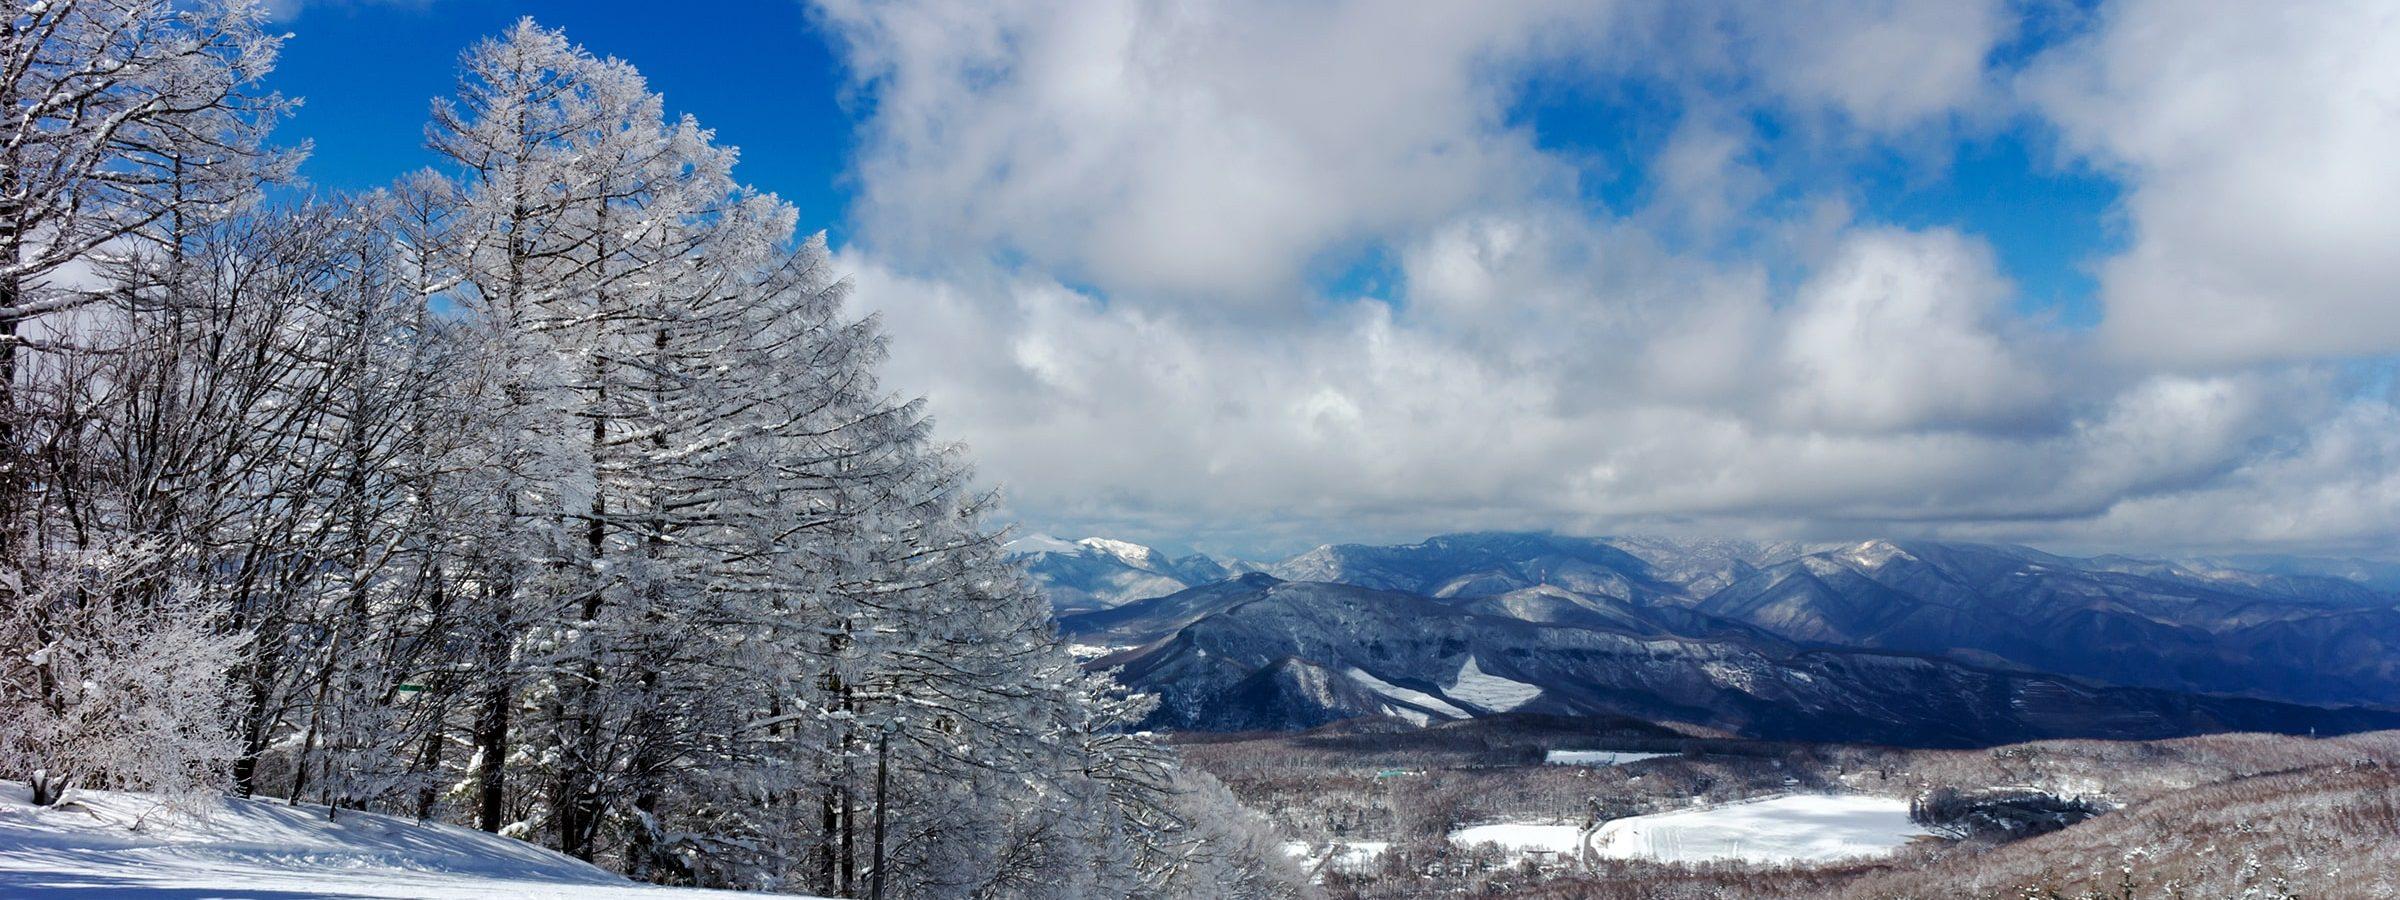 白樺高原国際スキー場からの冬景色